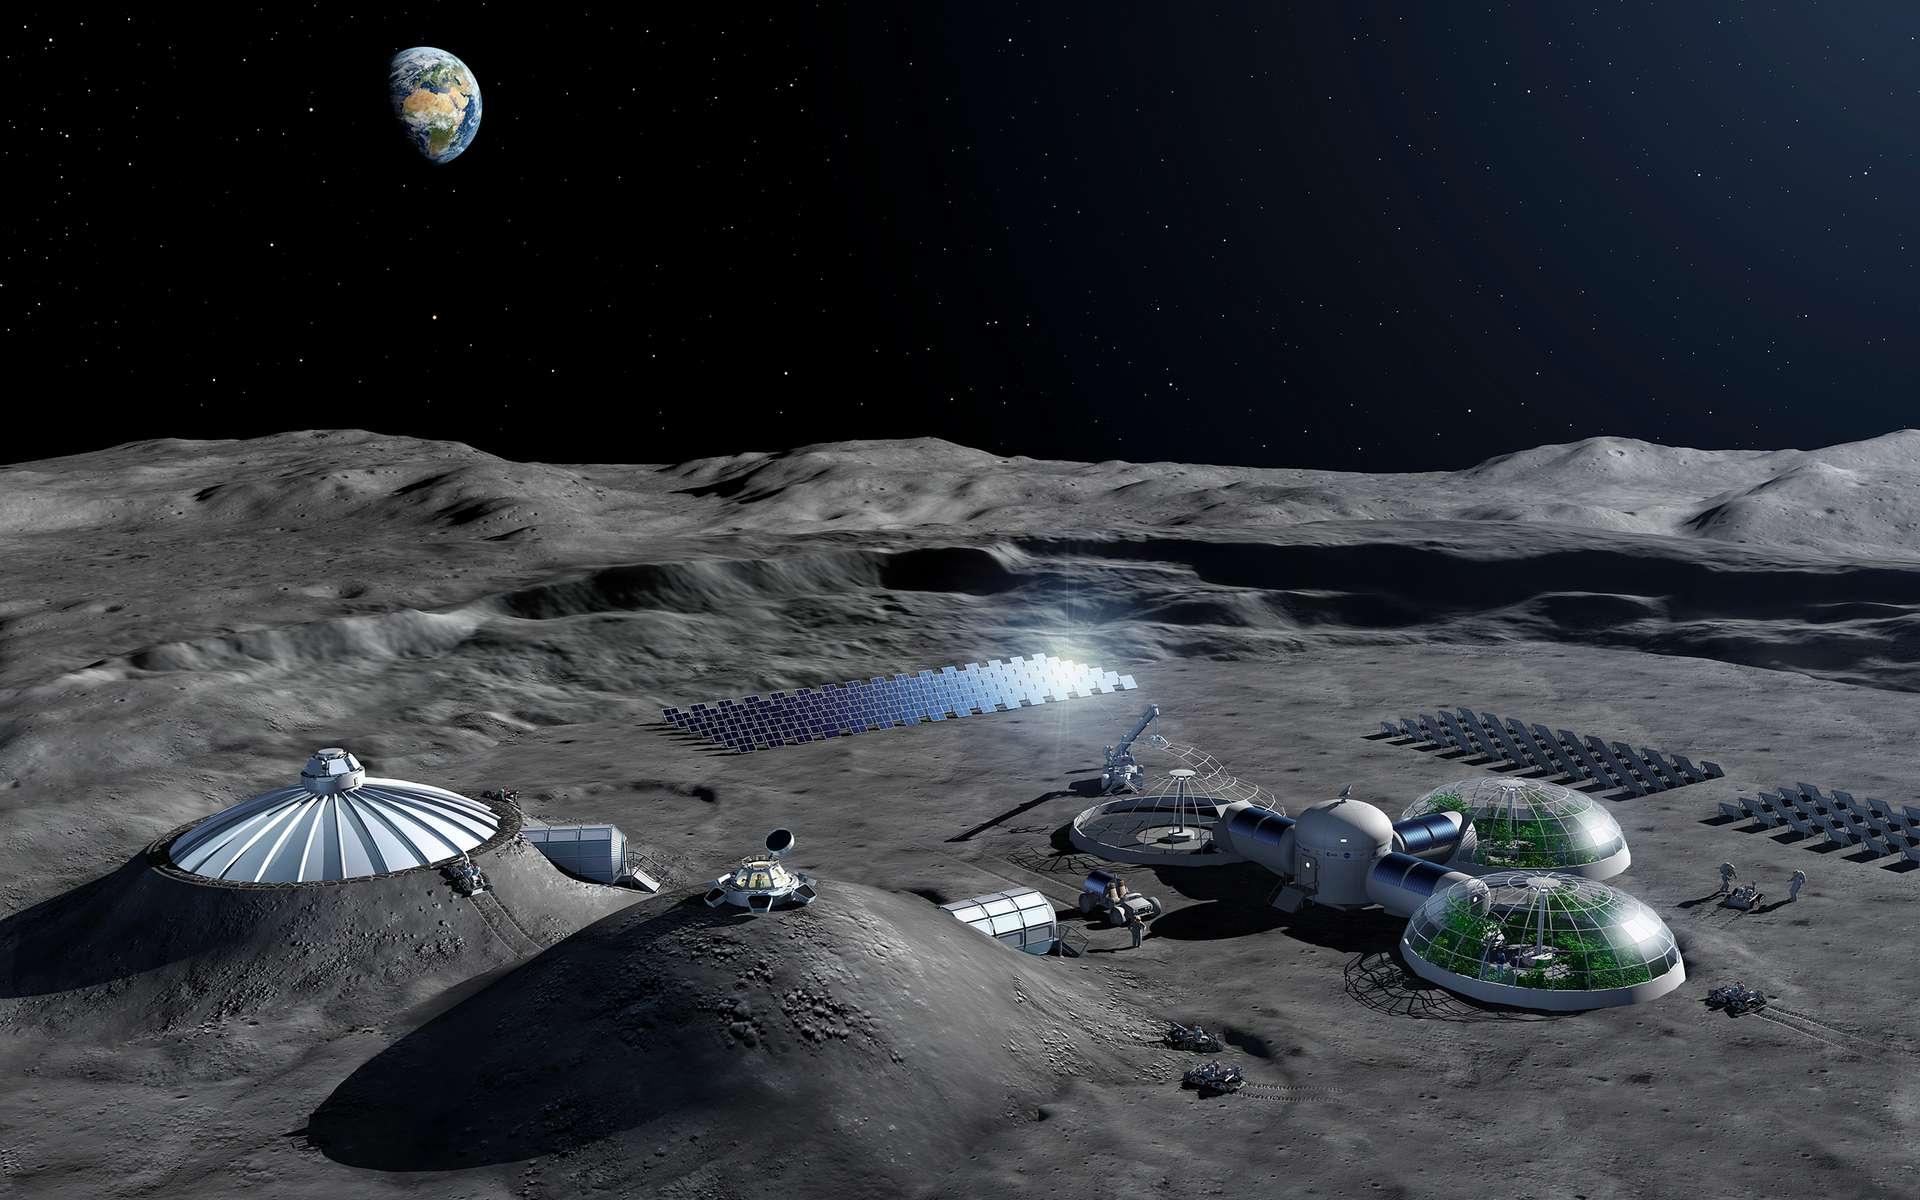 Un des nombreux concepts de base lunaire étudier par l'ESA. En complément d'infrastructures construites sur place ou envoyées depuis la Terre, la « colonisation » de tunnels de lave ou de grottes pourrait être une alternative à une base lunaire en dur, ou plus certainement servir de poste avancé, voire de base de repli. © ESA, P. Carril